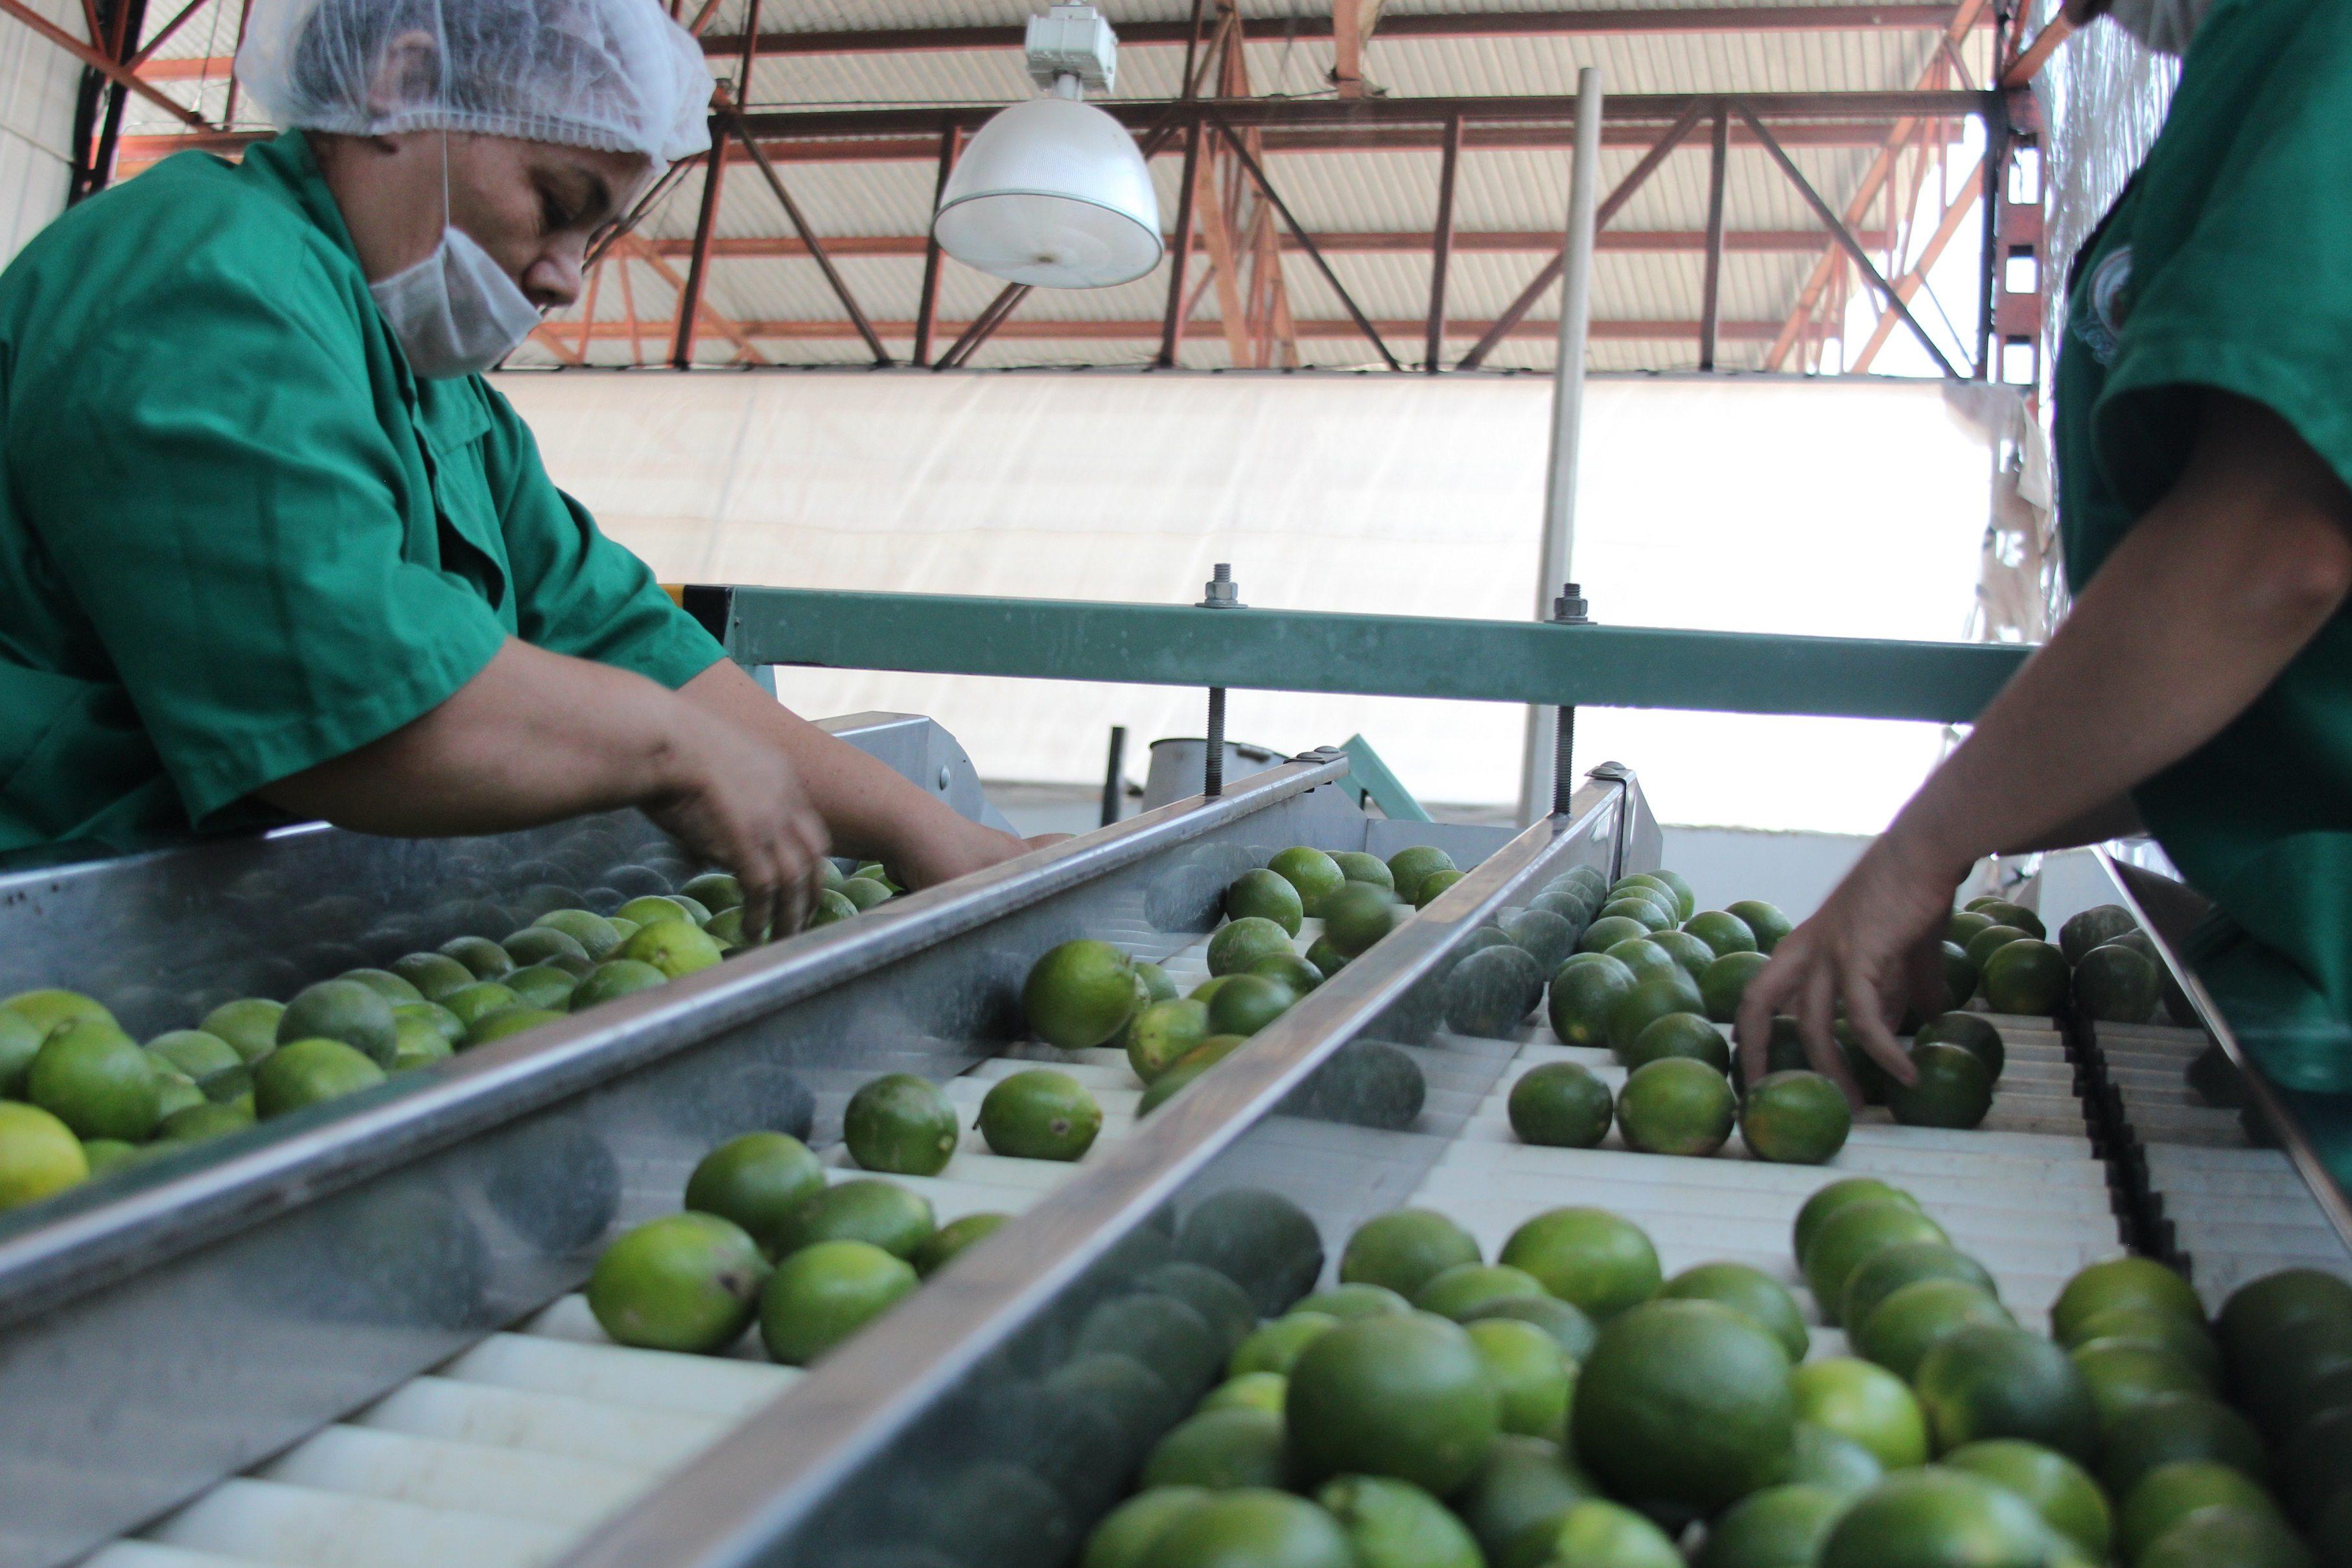 Limón y frijol, los productos que más subieron en la primera quincena de abril